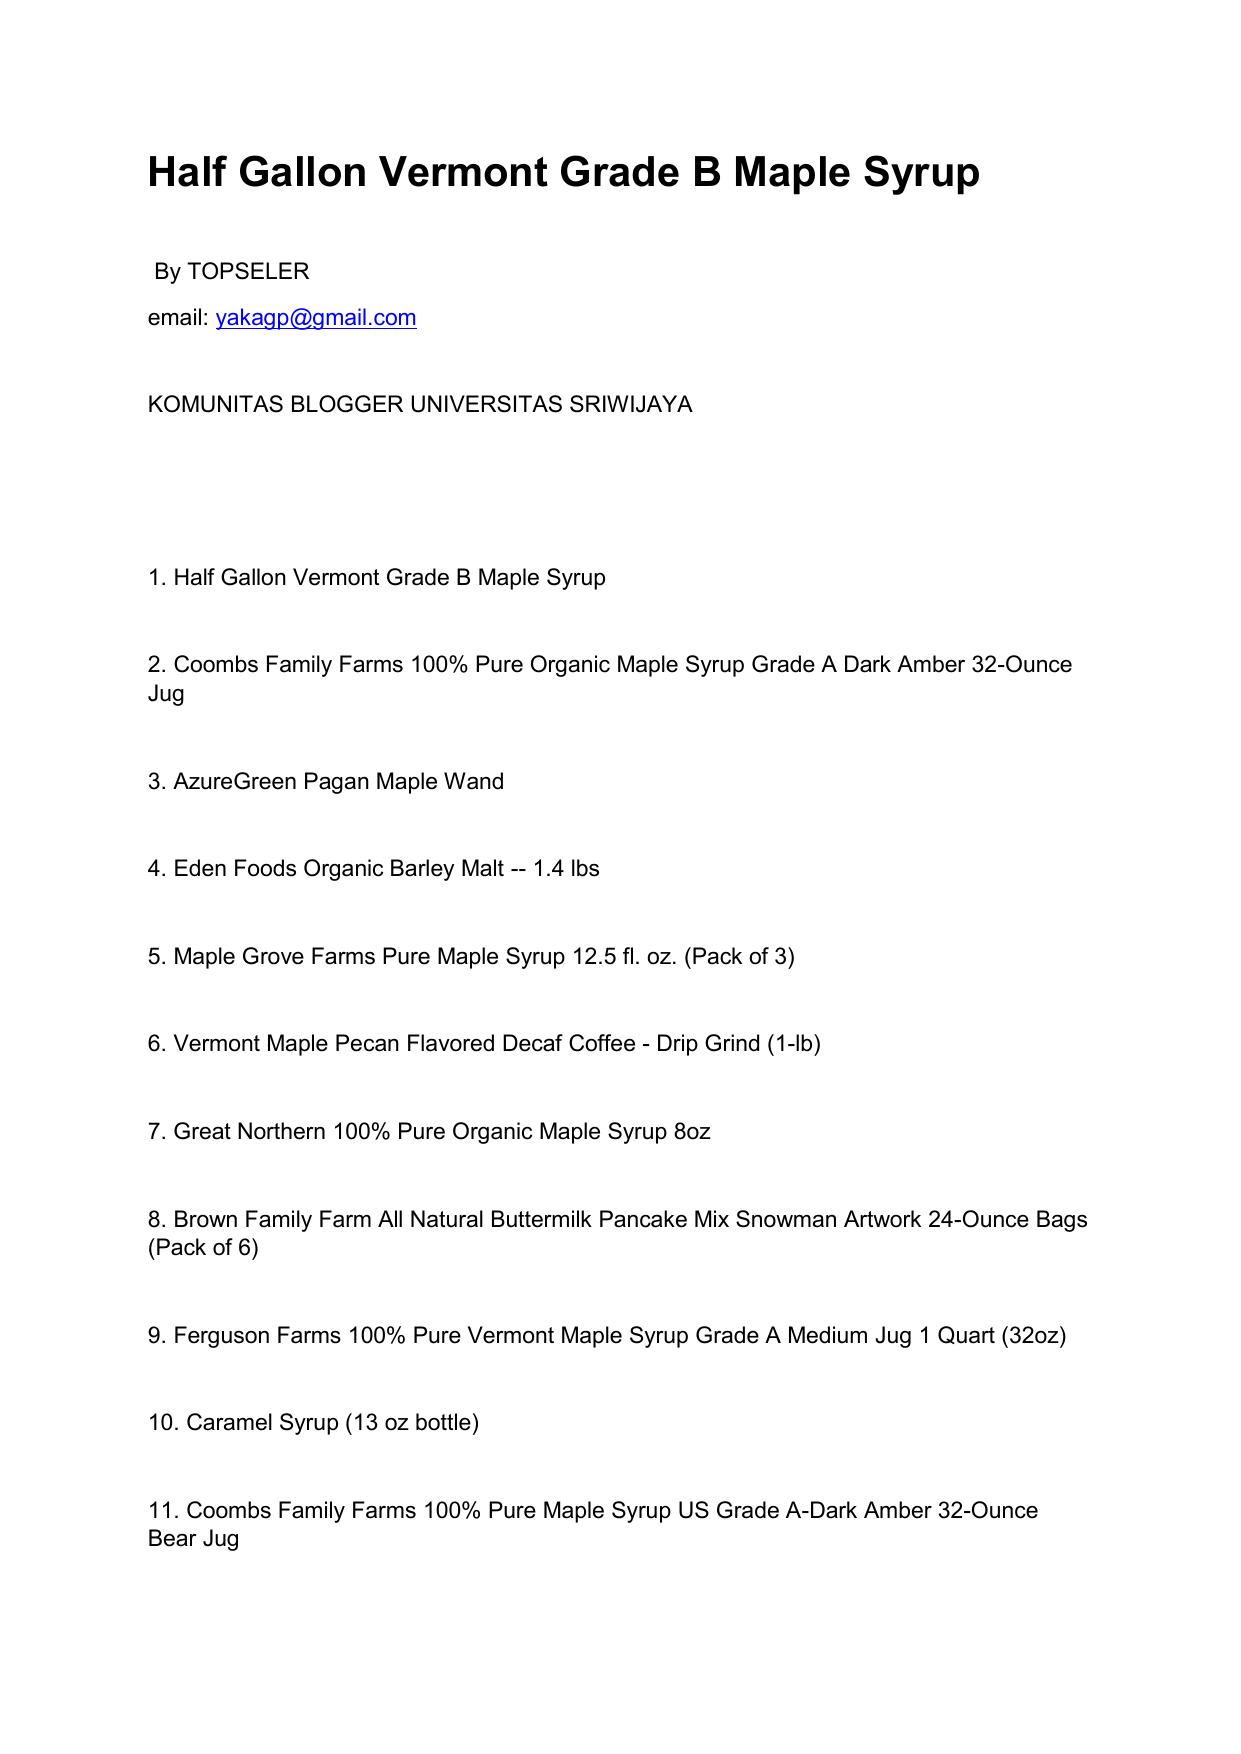 449a032f7da Half Gallon Vermont Grade B Maple Syrup - Blog Unsri